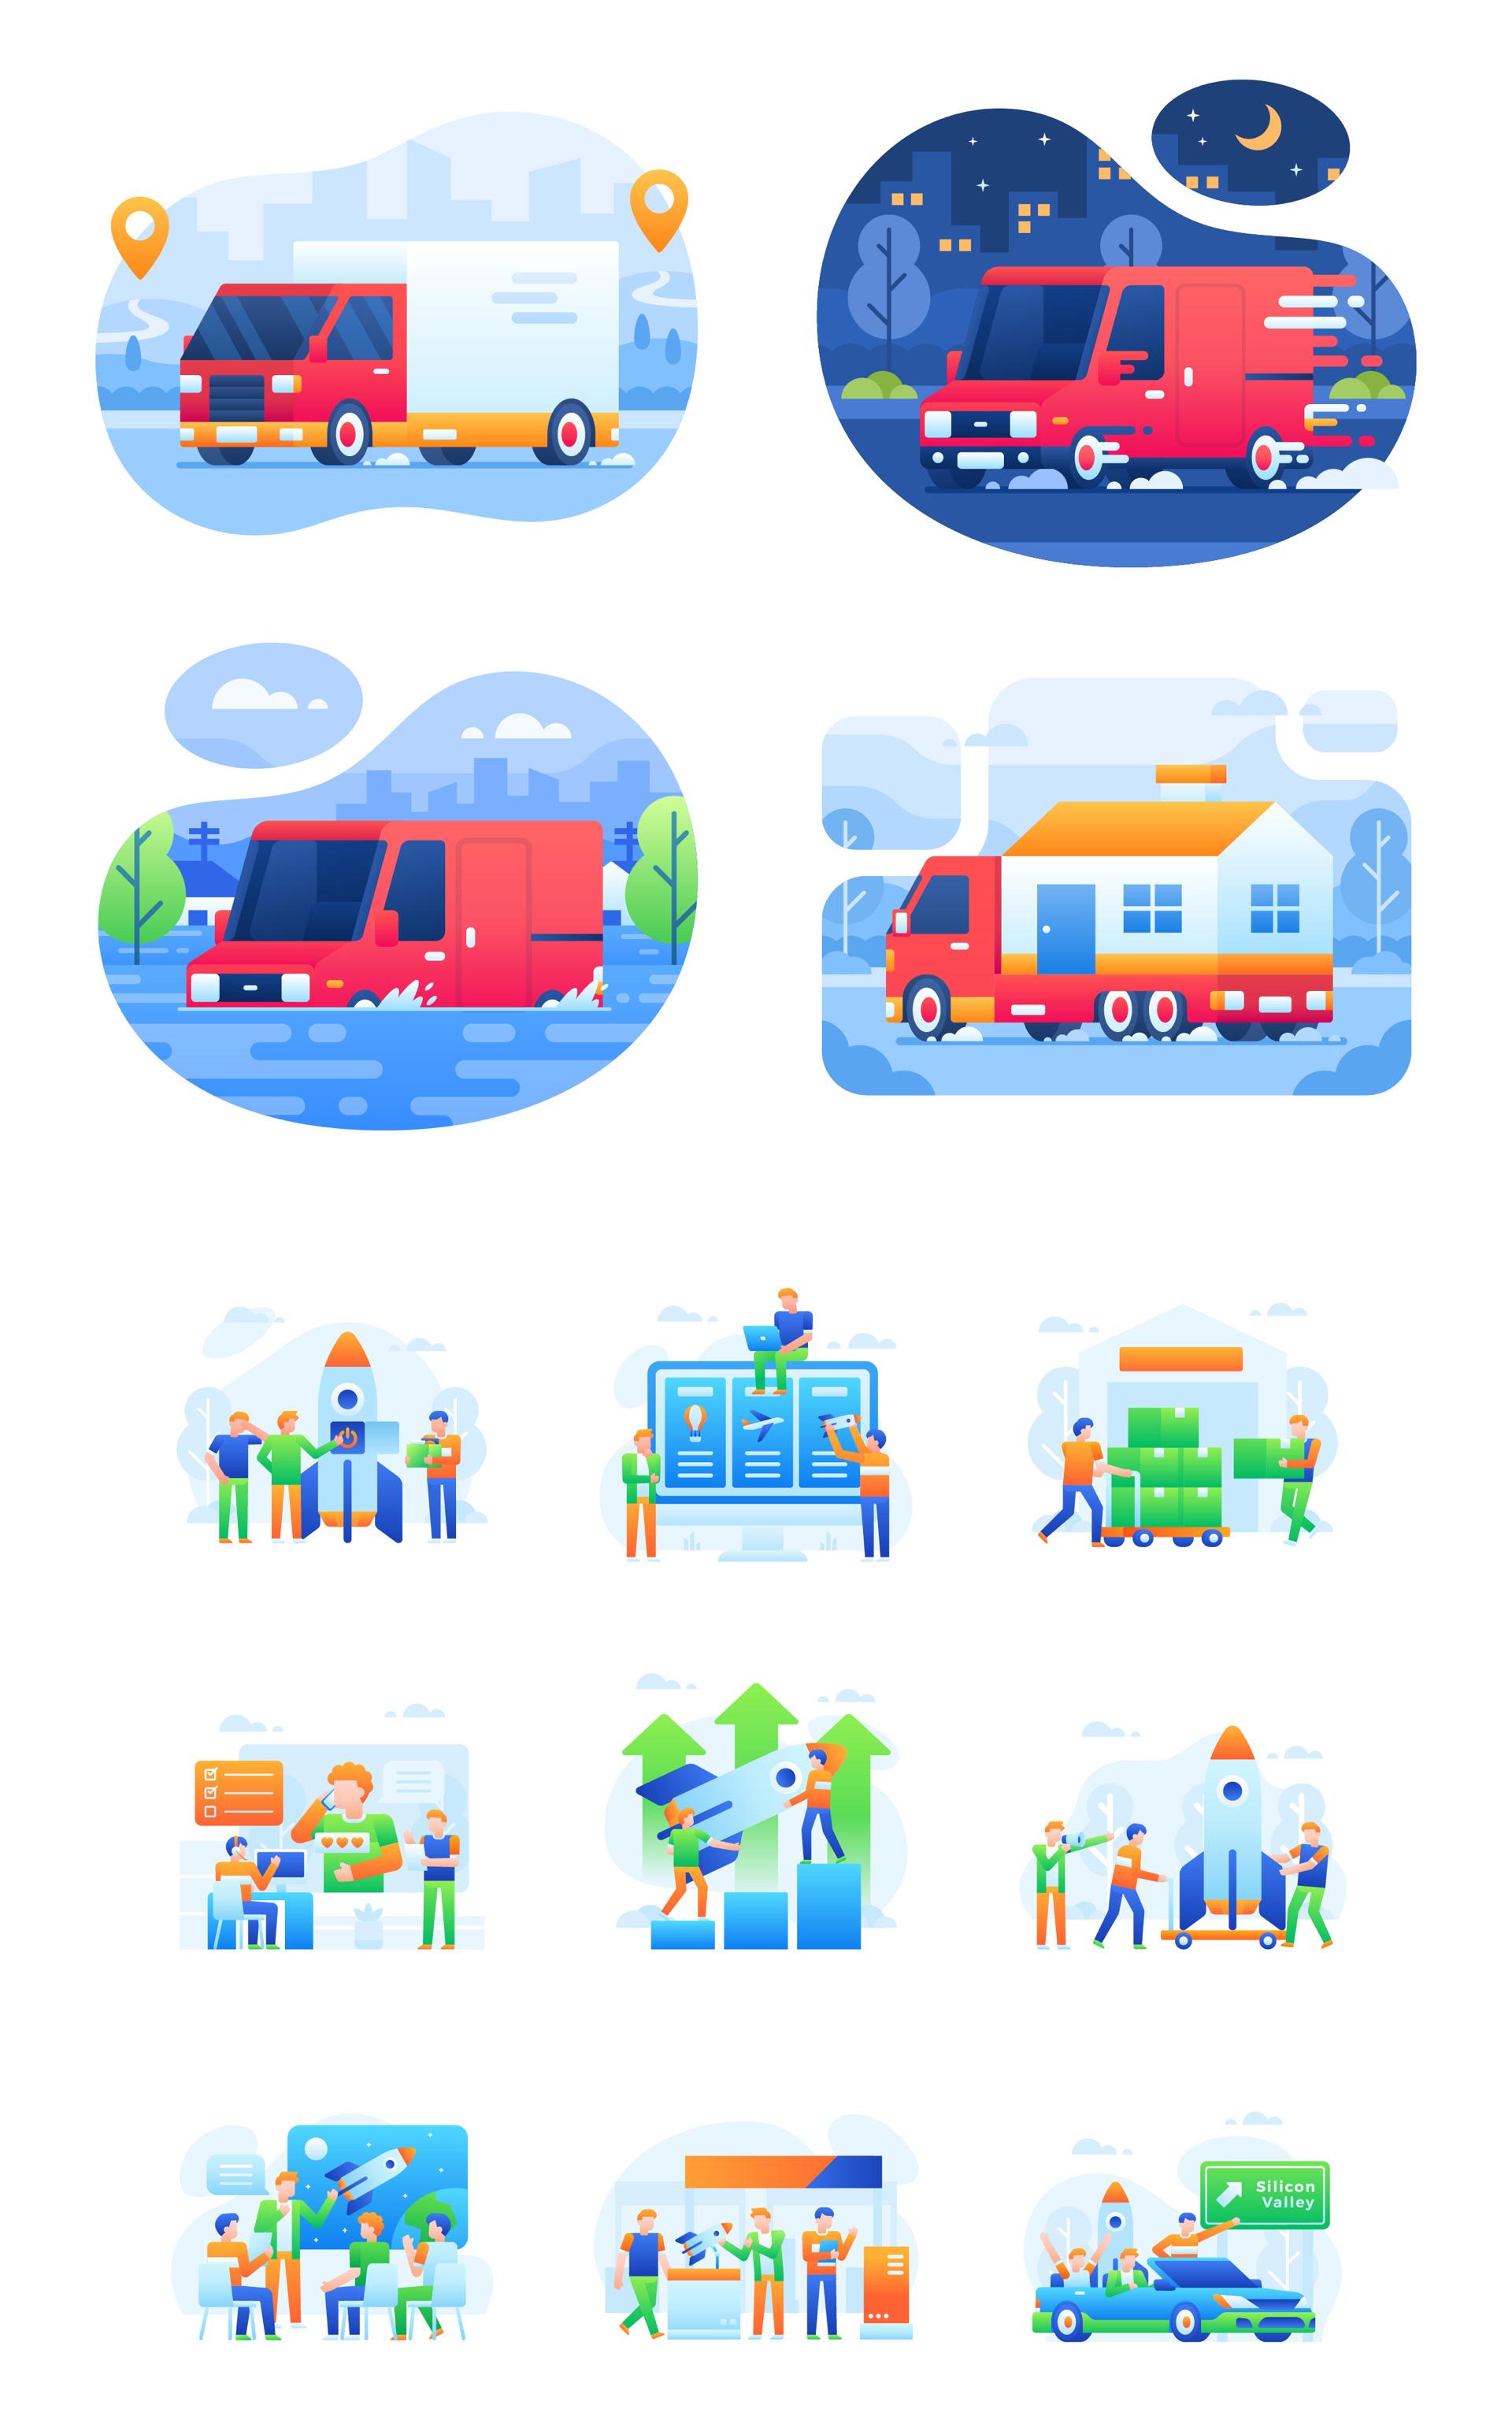 UI卡通场景矢量插画人物形象工作插画 70+场景矢量插画